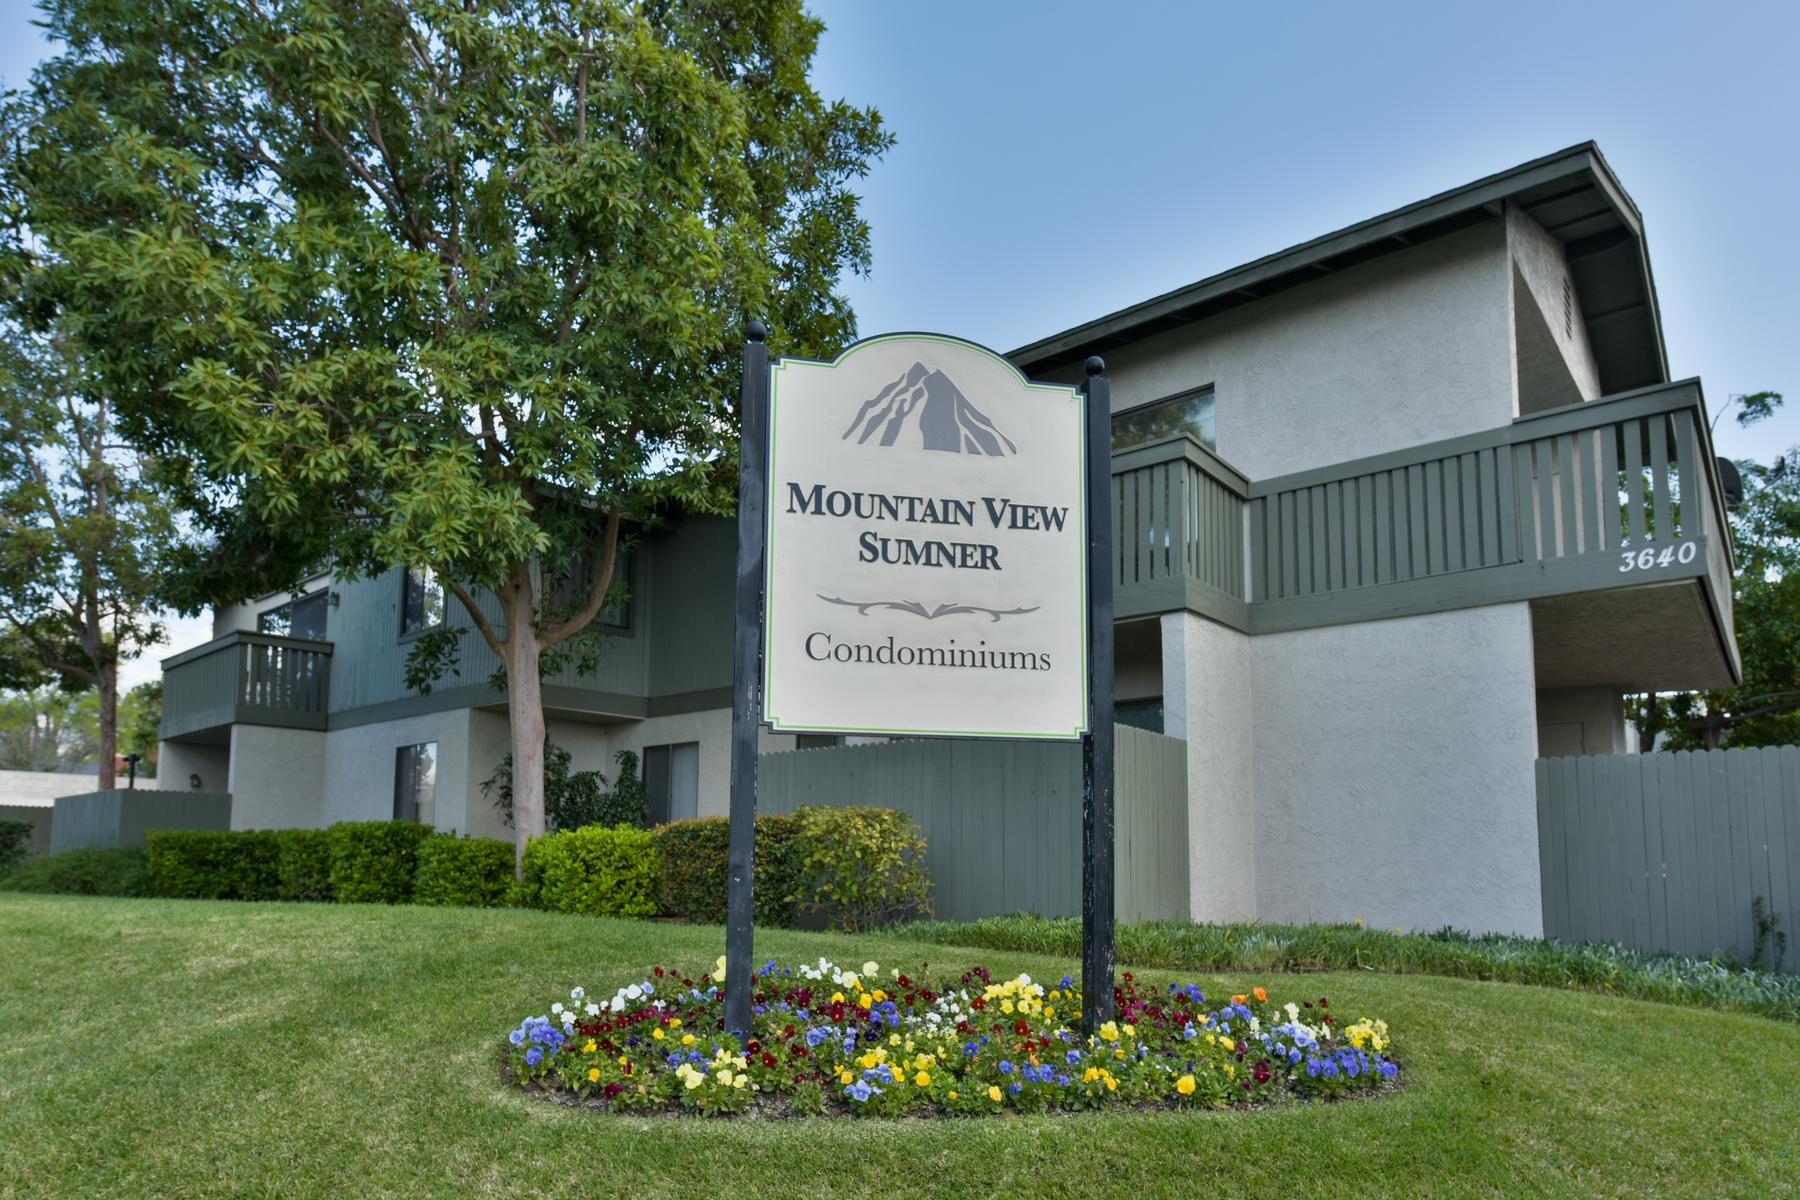 Appartement en copropriété pour l Vente à 3636 Sumner Avenue, # 213 3636 Sumner Avenue # 213 Pomona, Californie 91767 États-Unis